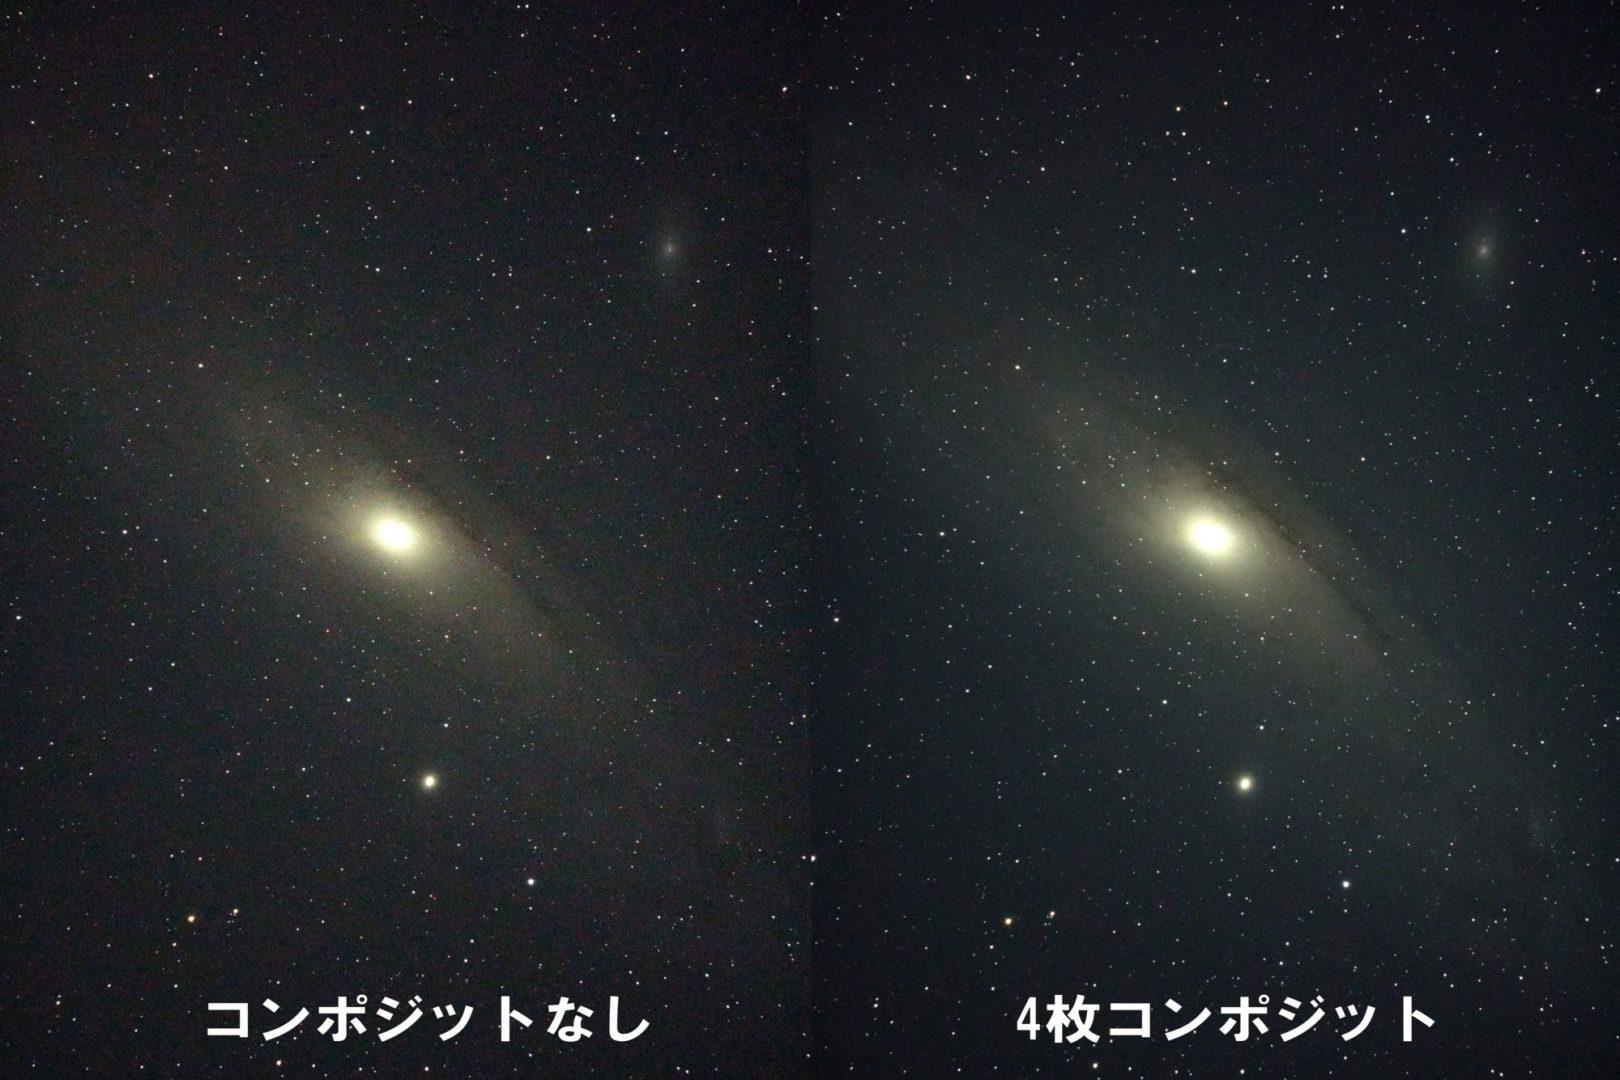 左がコンポジットなしで右が4枚コンポジットしたM31(アンドロメダ銀河)の比較画像です。